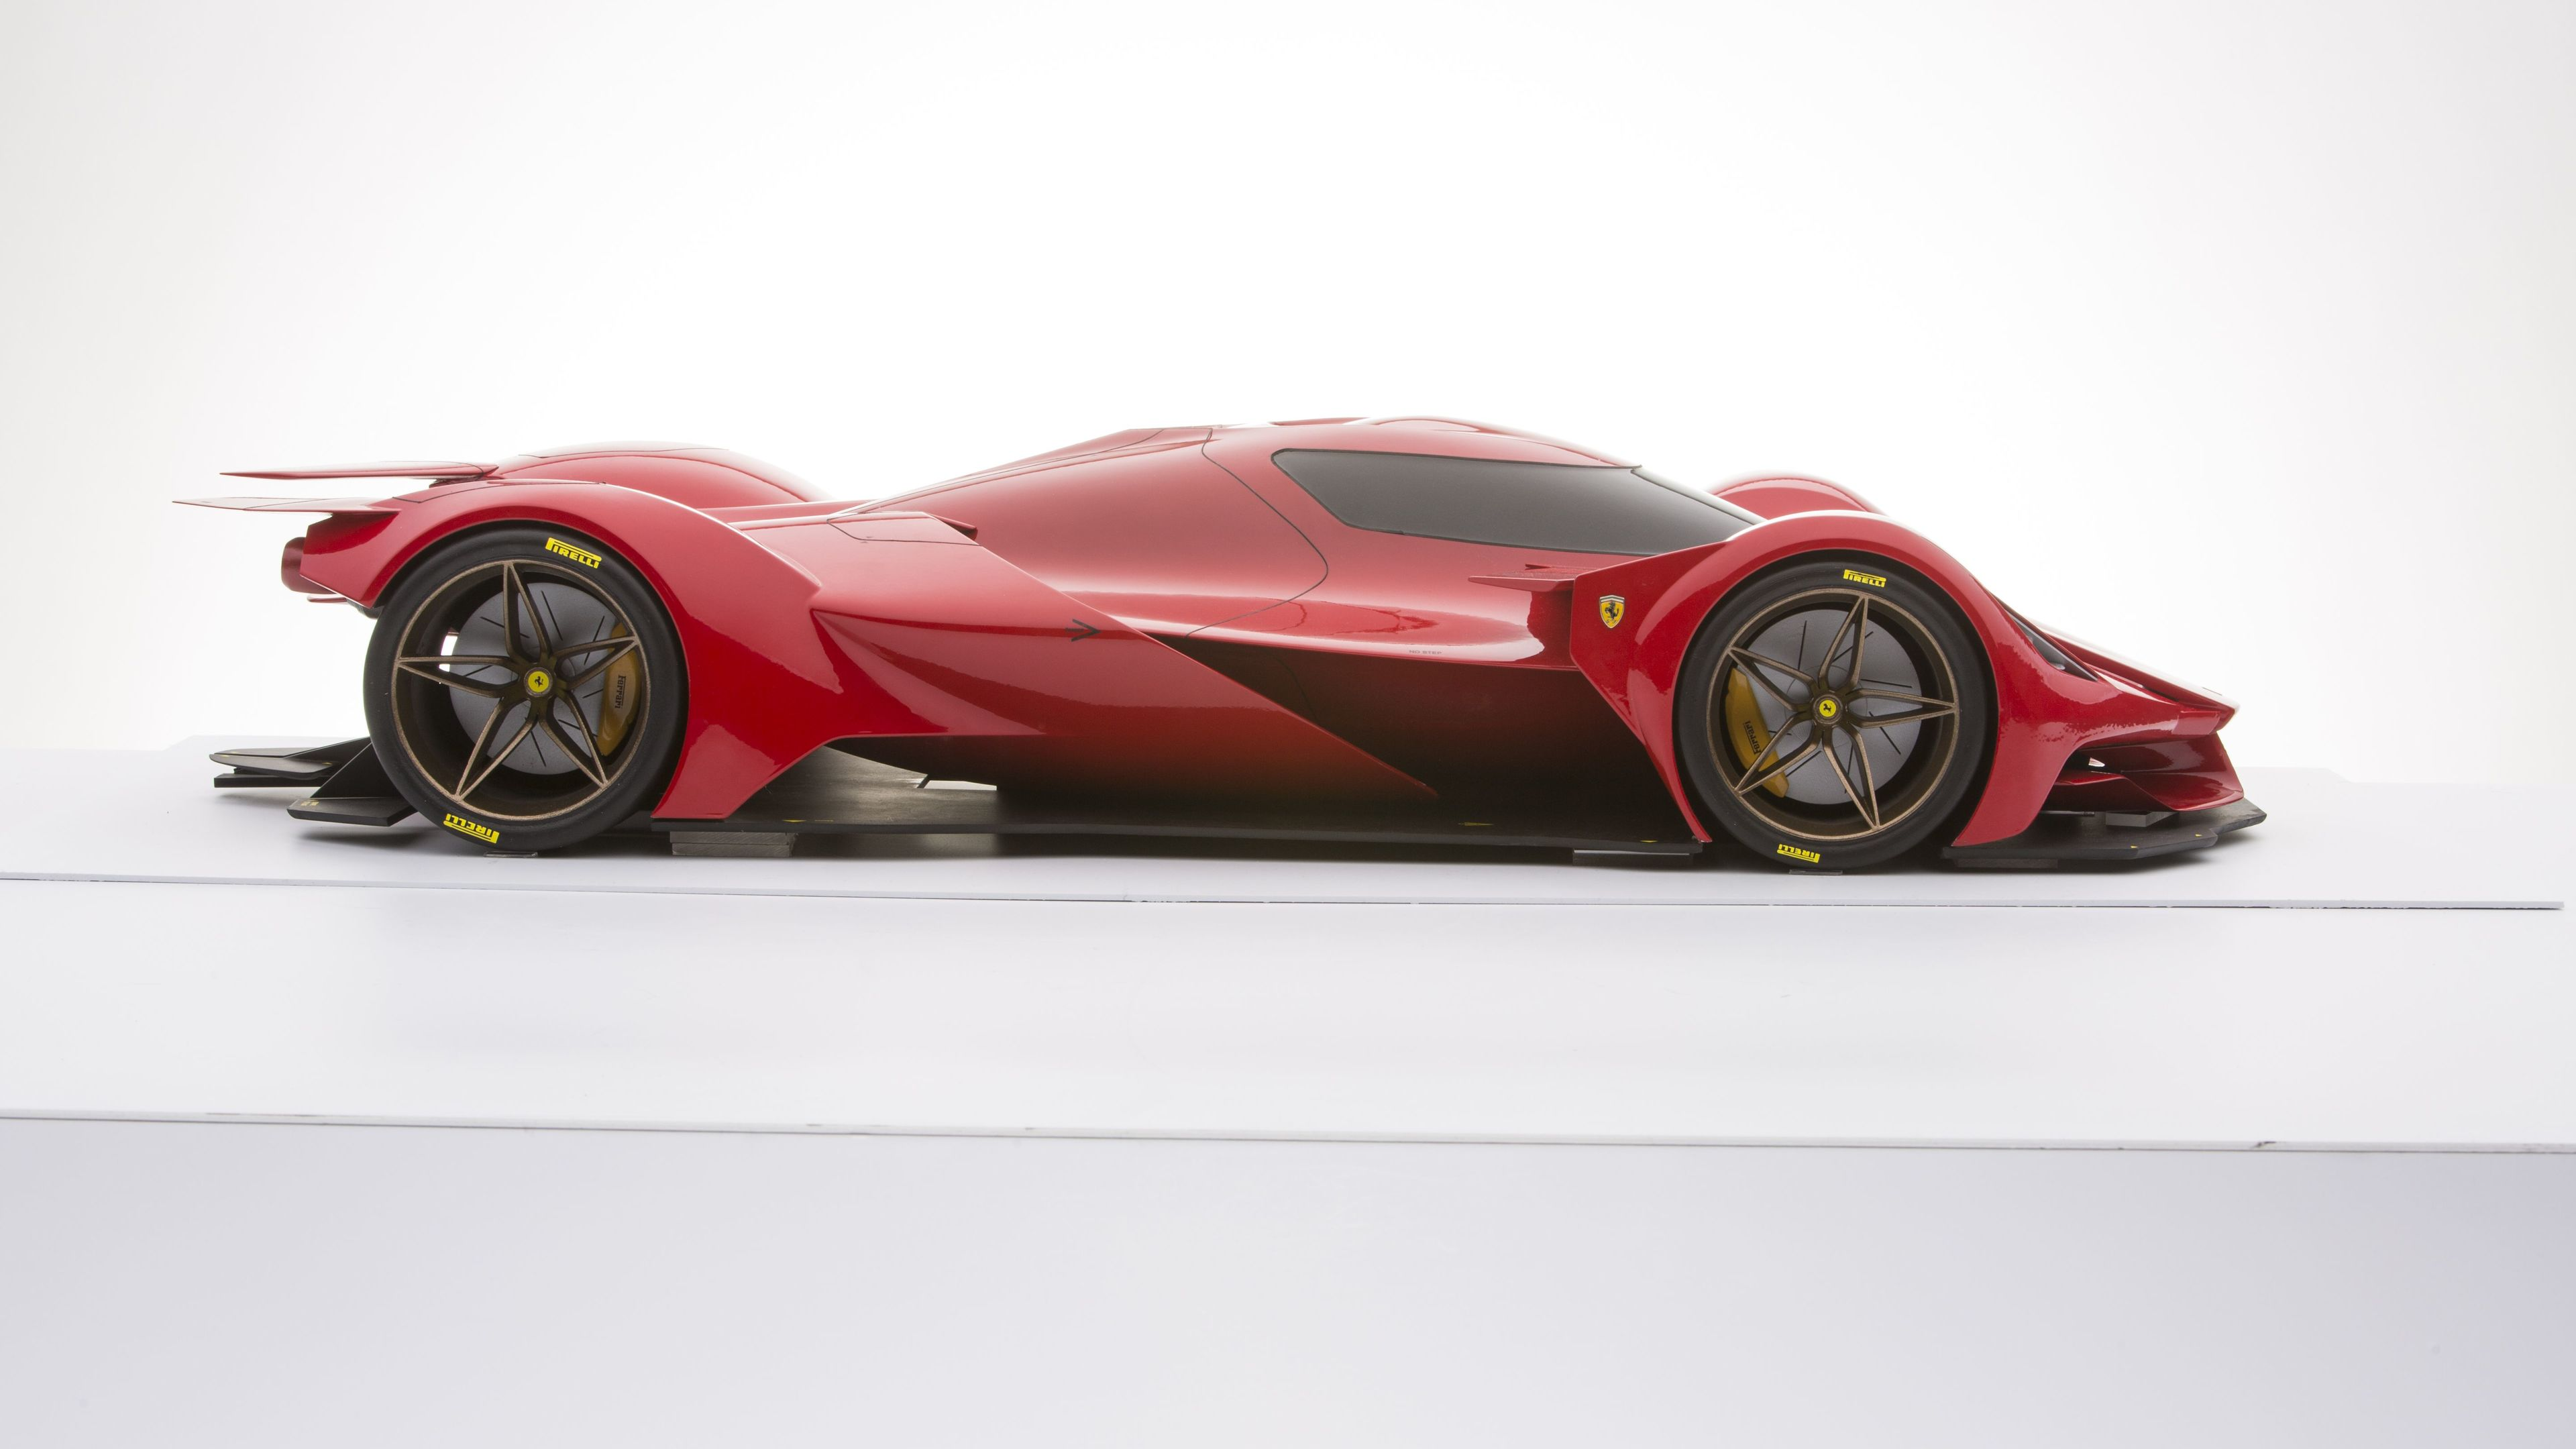 ferrari gt 2020 1539111781 - Ferrari GT 2020 - hd-wallpapers, gt wallpapers, ferrari wallpapers, cars wallpapers, 5k wallpapers, 4k-wallpapers